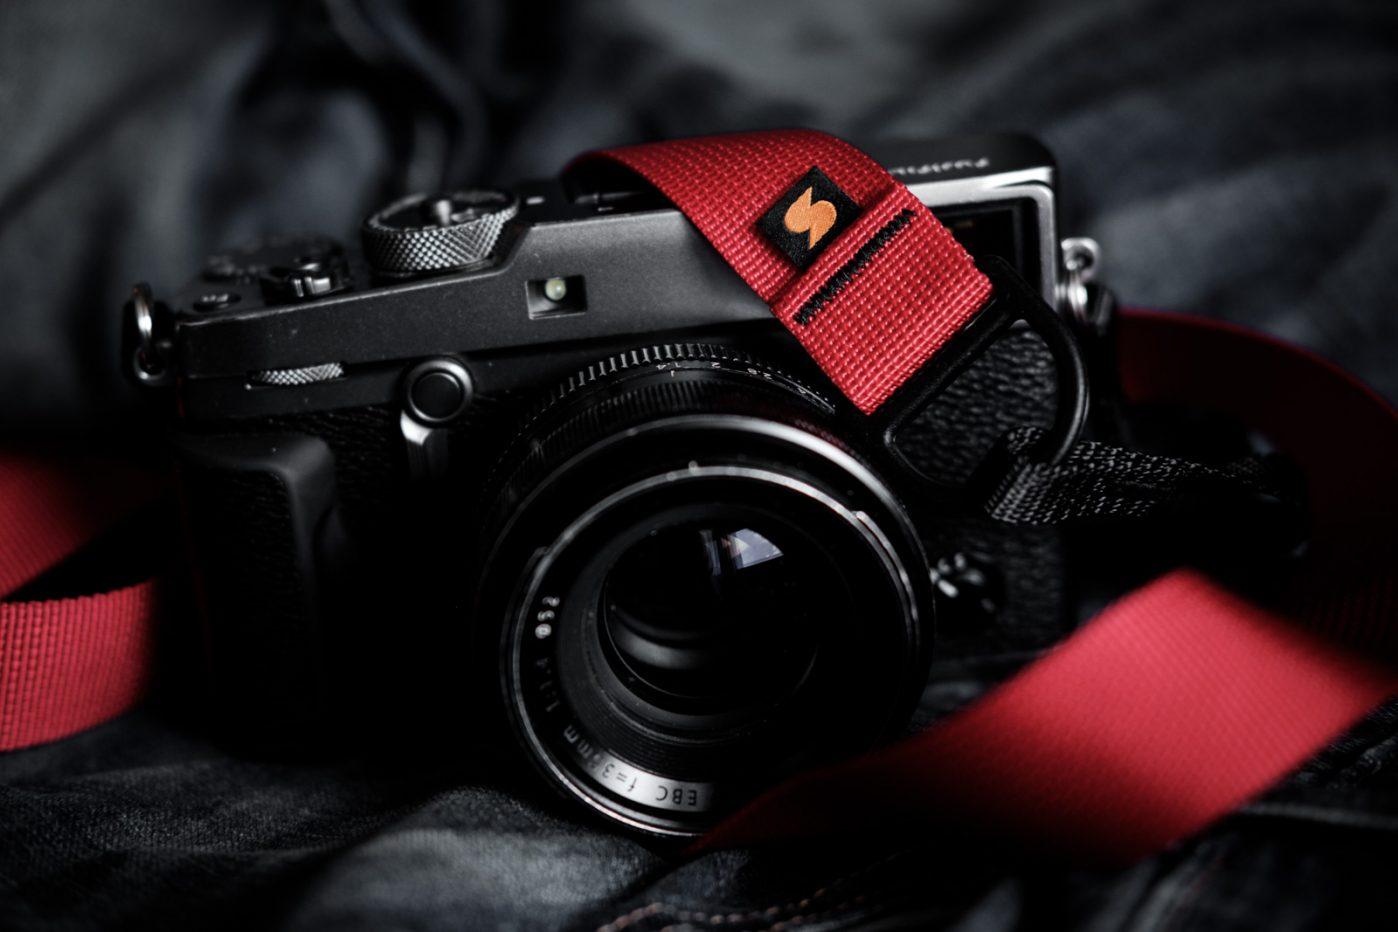 Charlene Winfred ngarujuk marang Bingkai Kamera F1, ditampilake ing Graphite X-Pro2